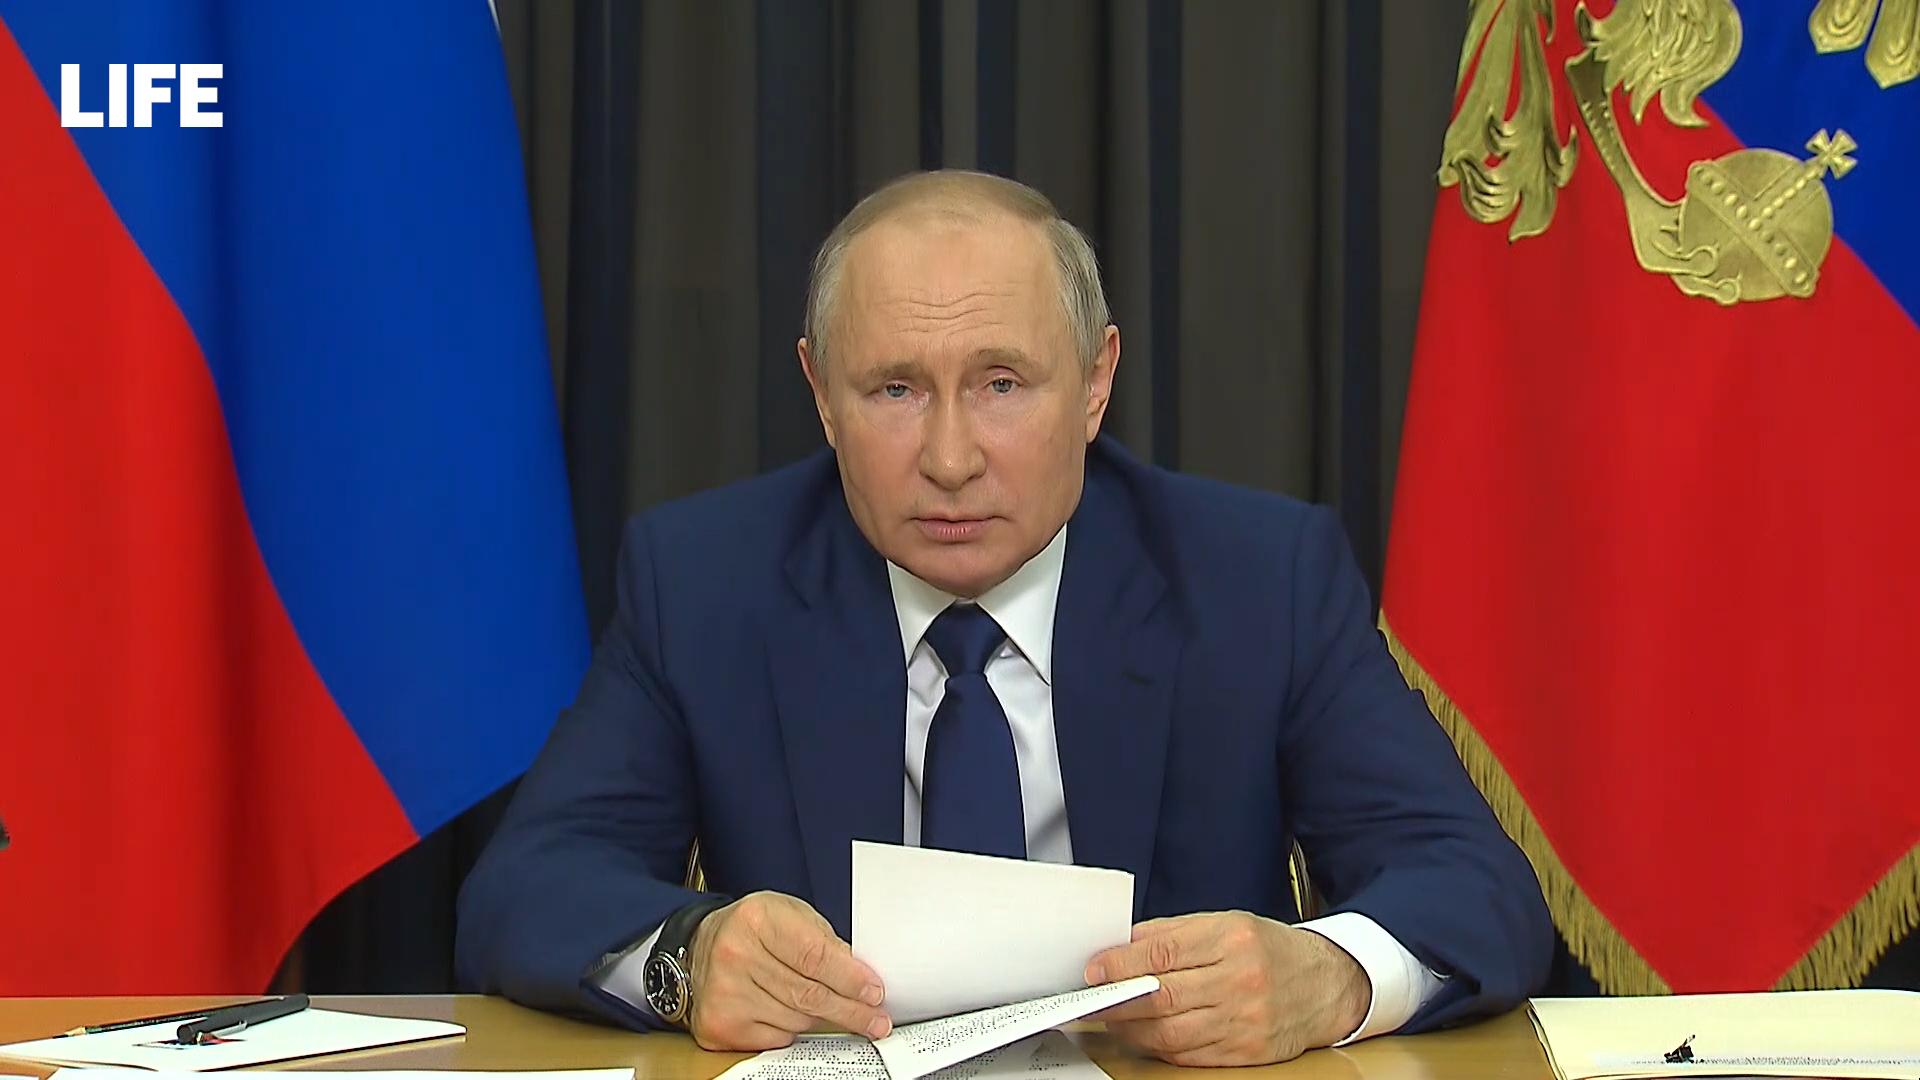 Путин: Поддержка семей с детьми  приоритет политики РФ